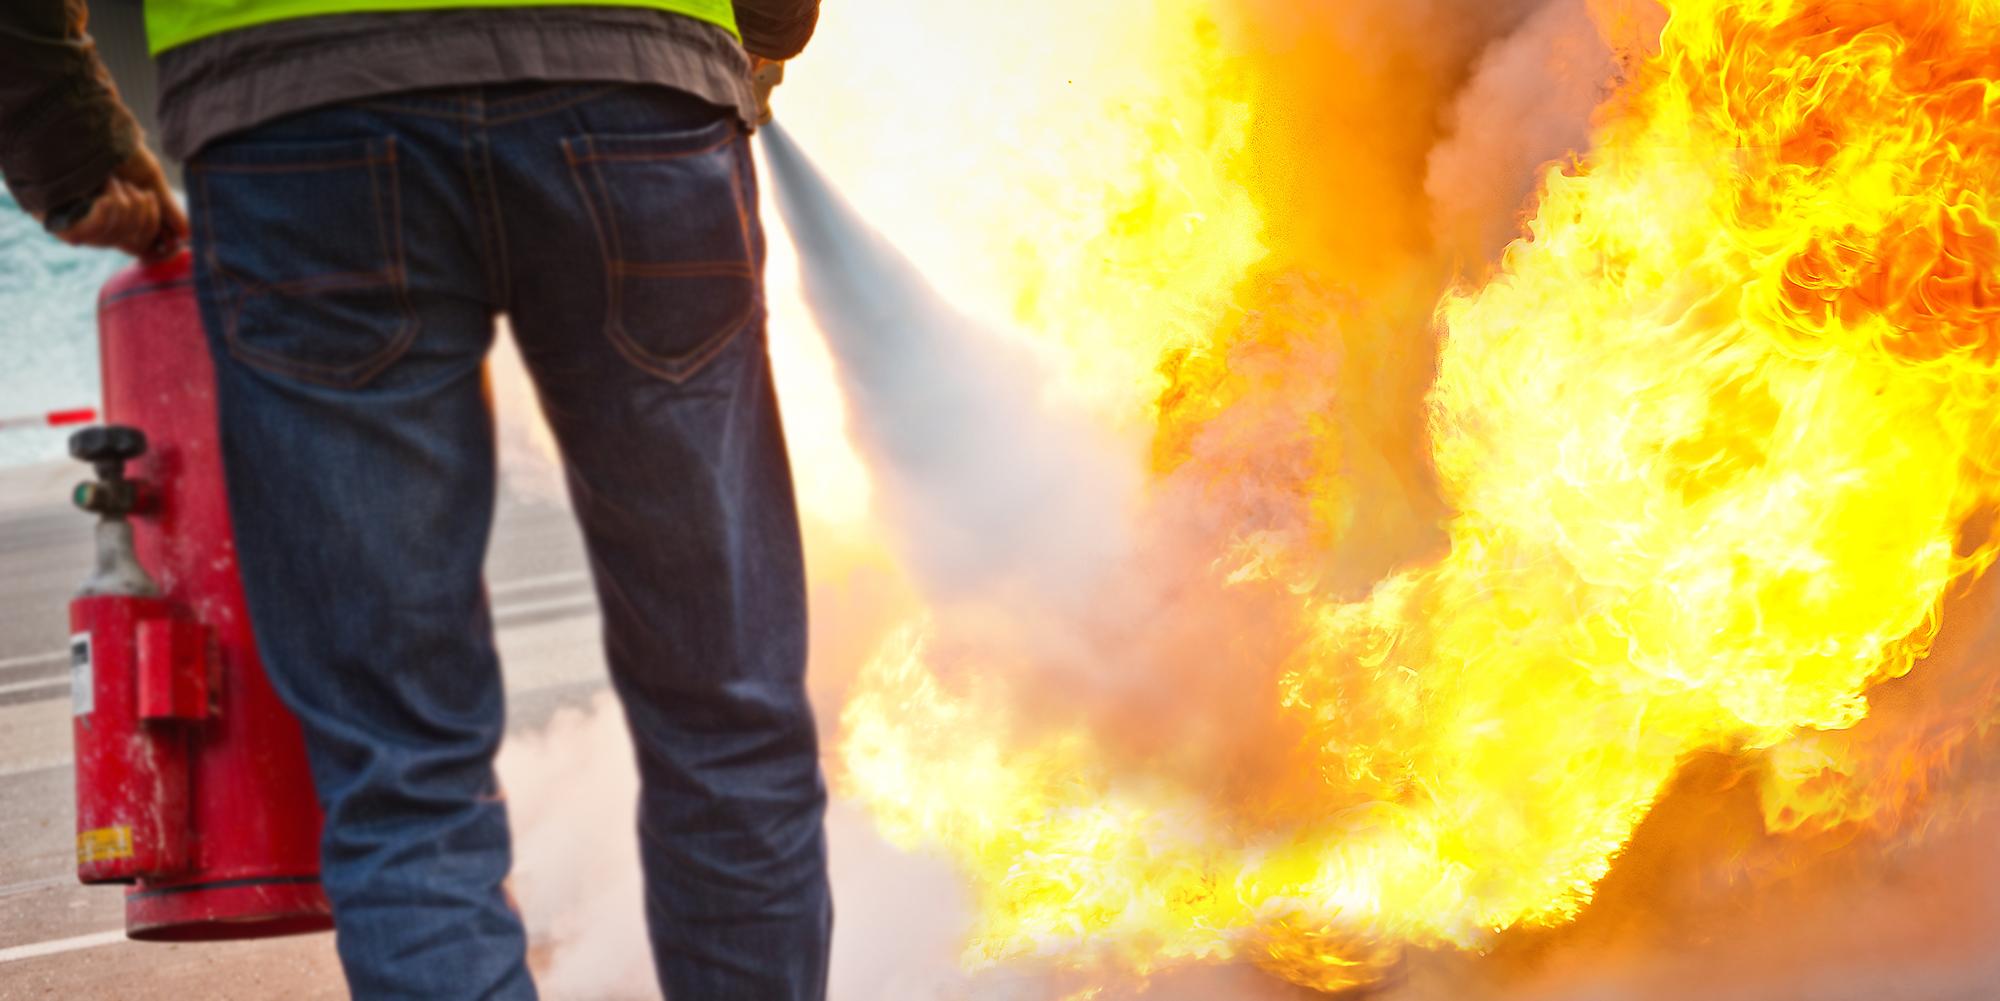 Brandschutz-Asbauer